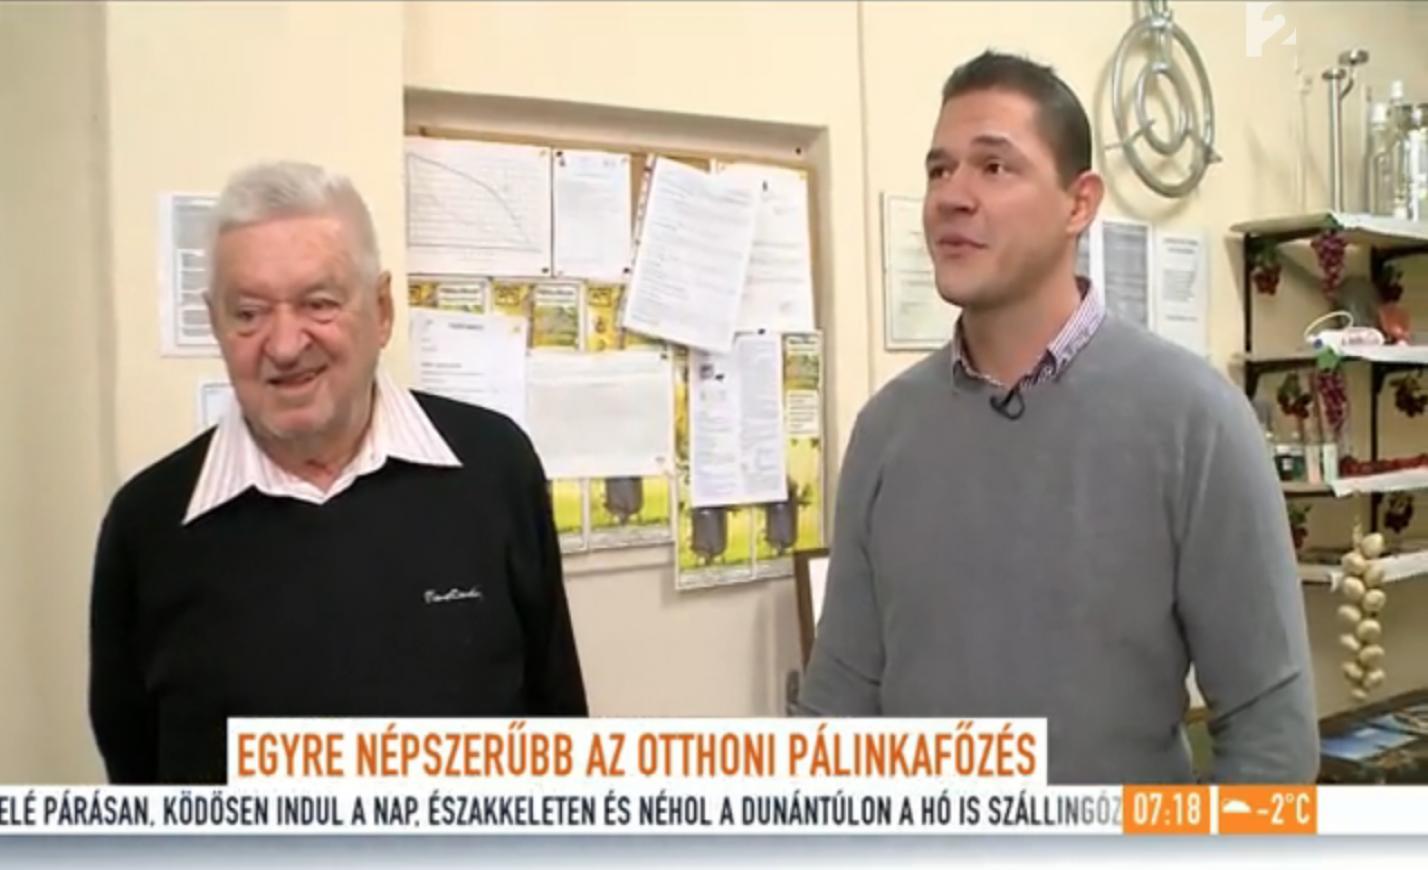 TV2 Mokka élő bejelentkezés a palinkafozes.com telephelyéről...